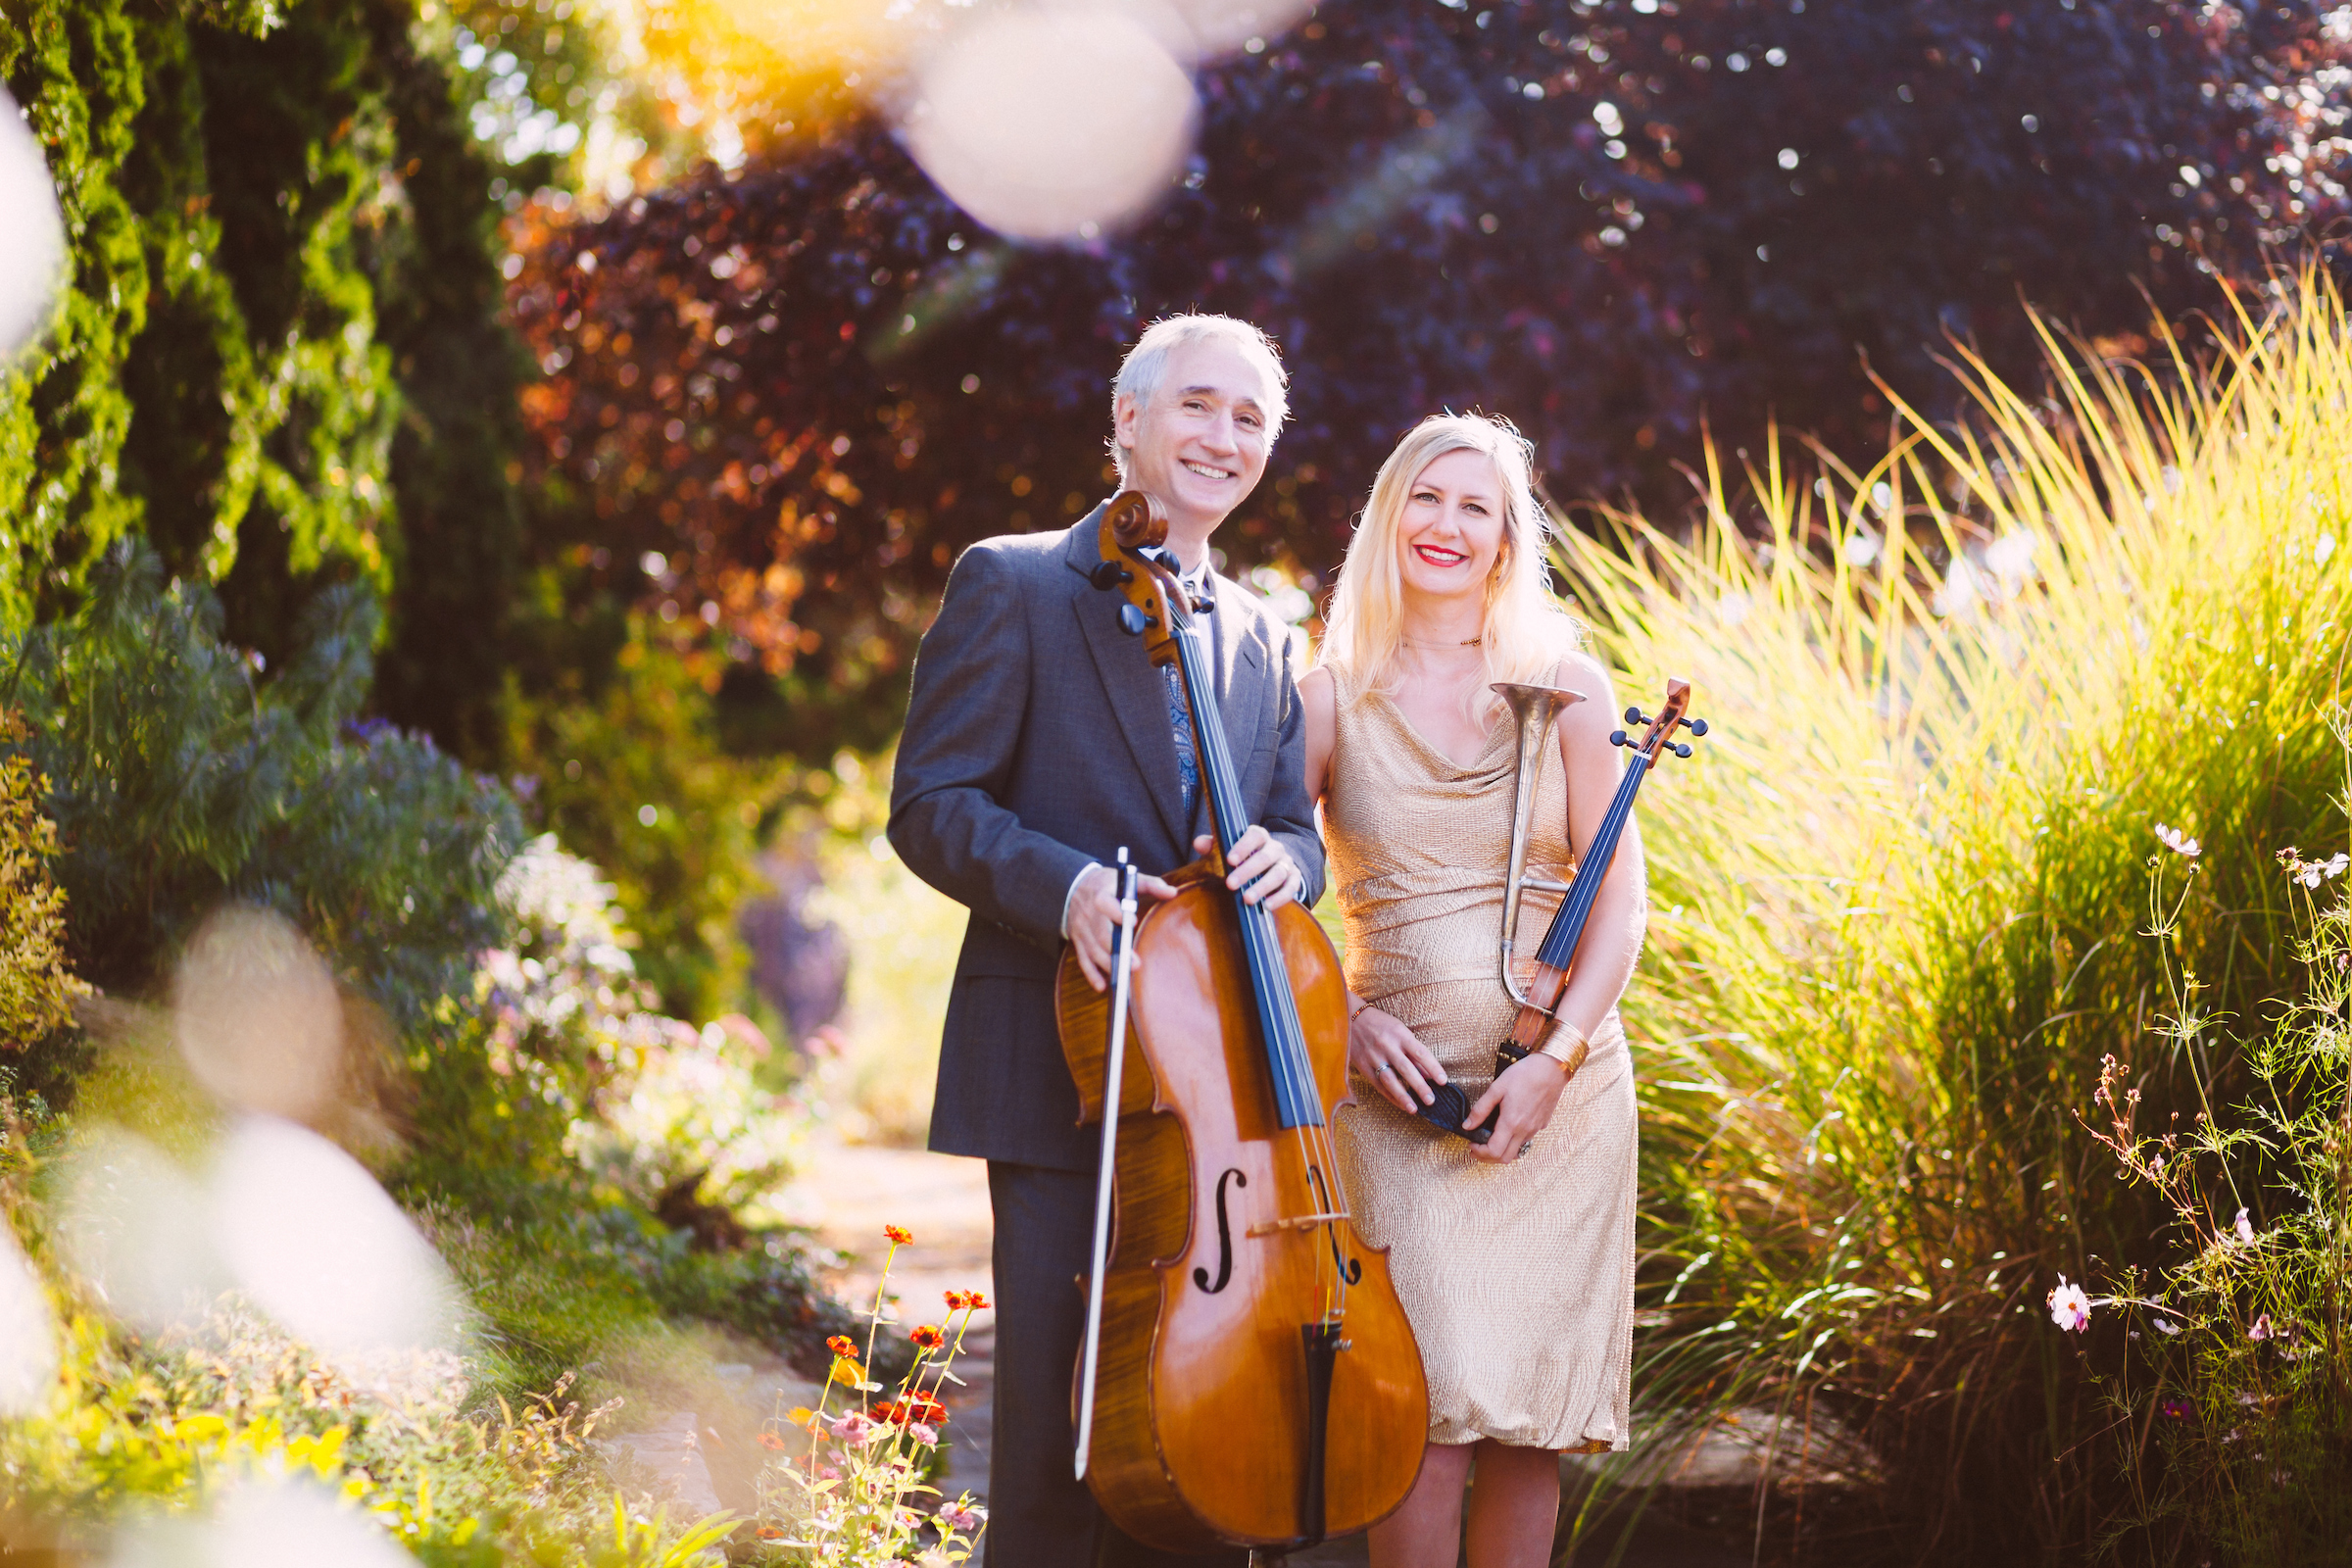 LISTEN: Annalisa Tornfelt & Gideon Freudmann, 'Night Sky'